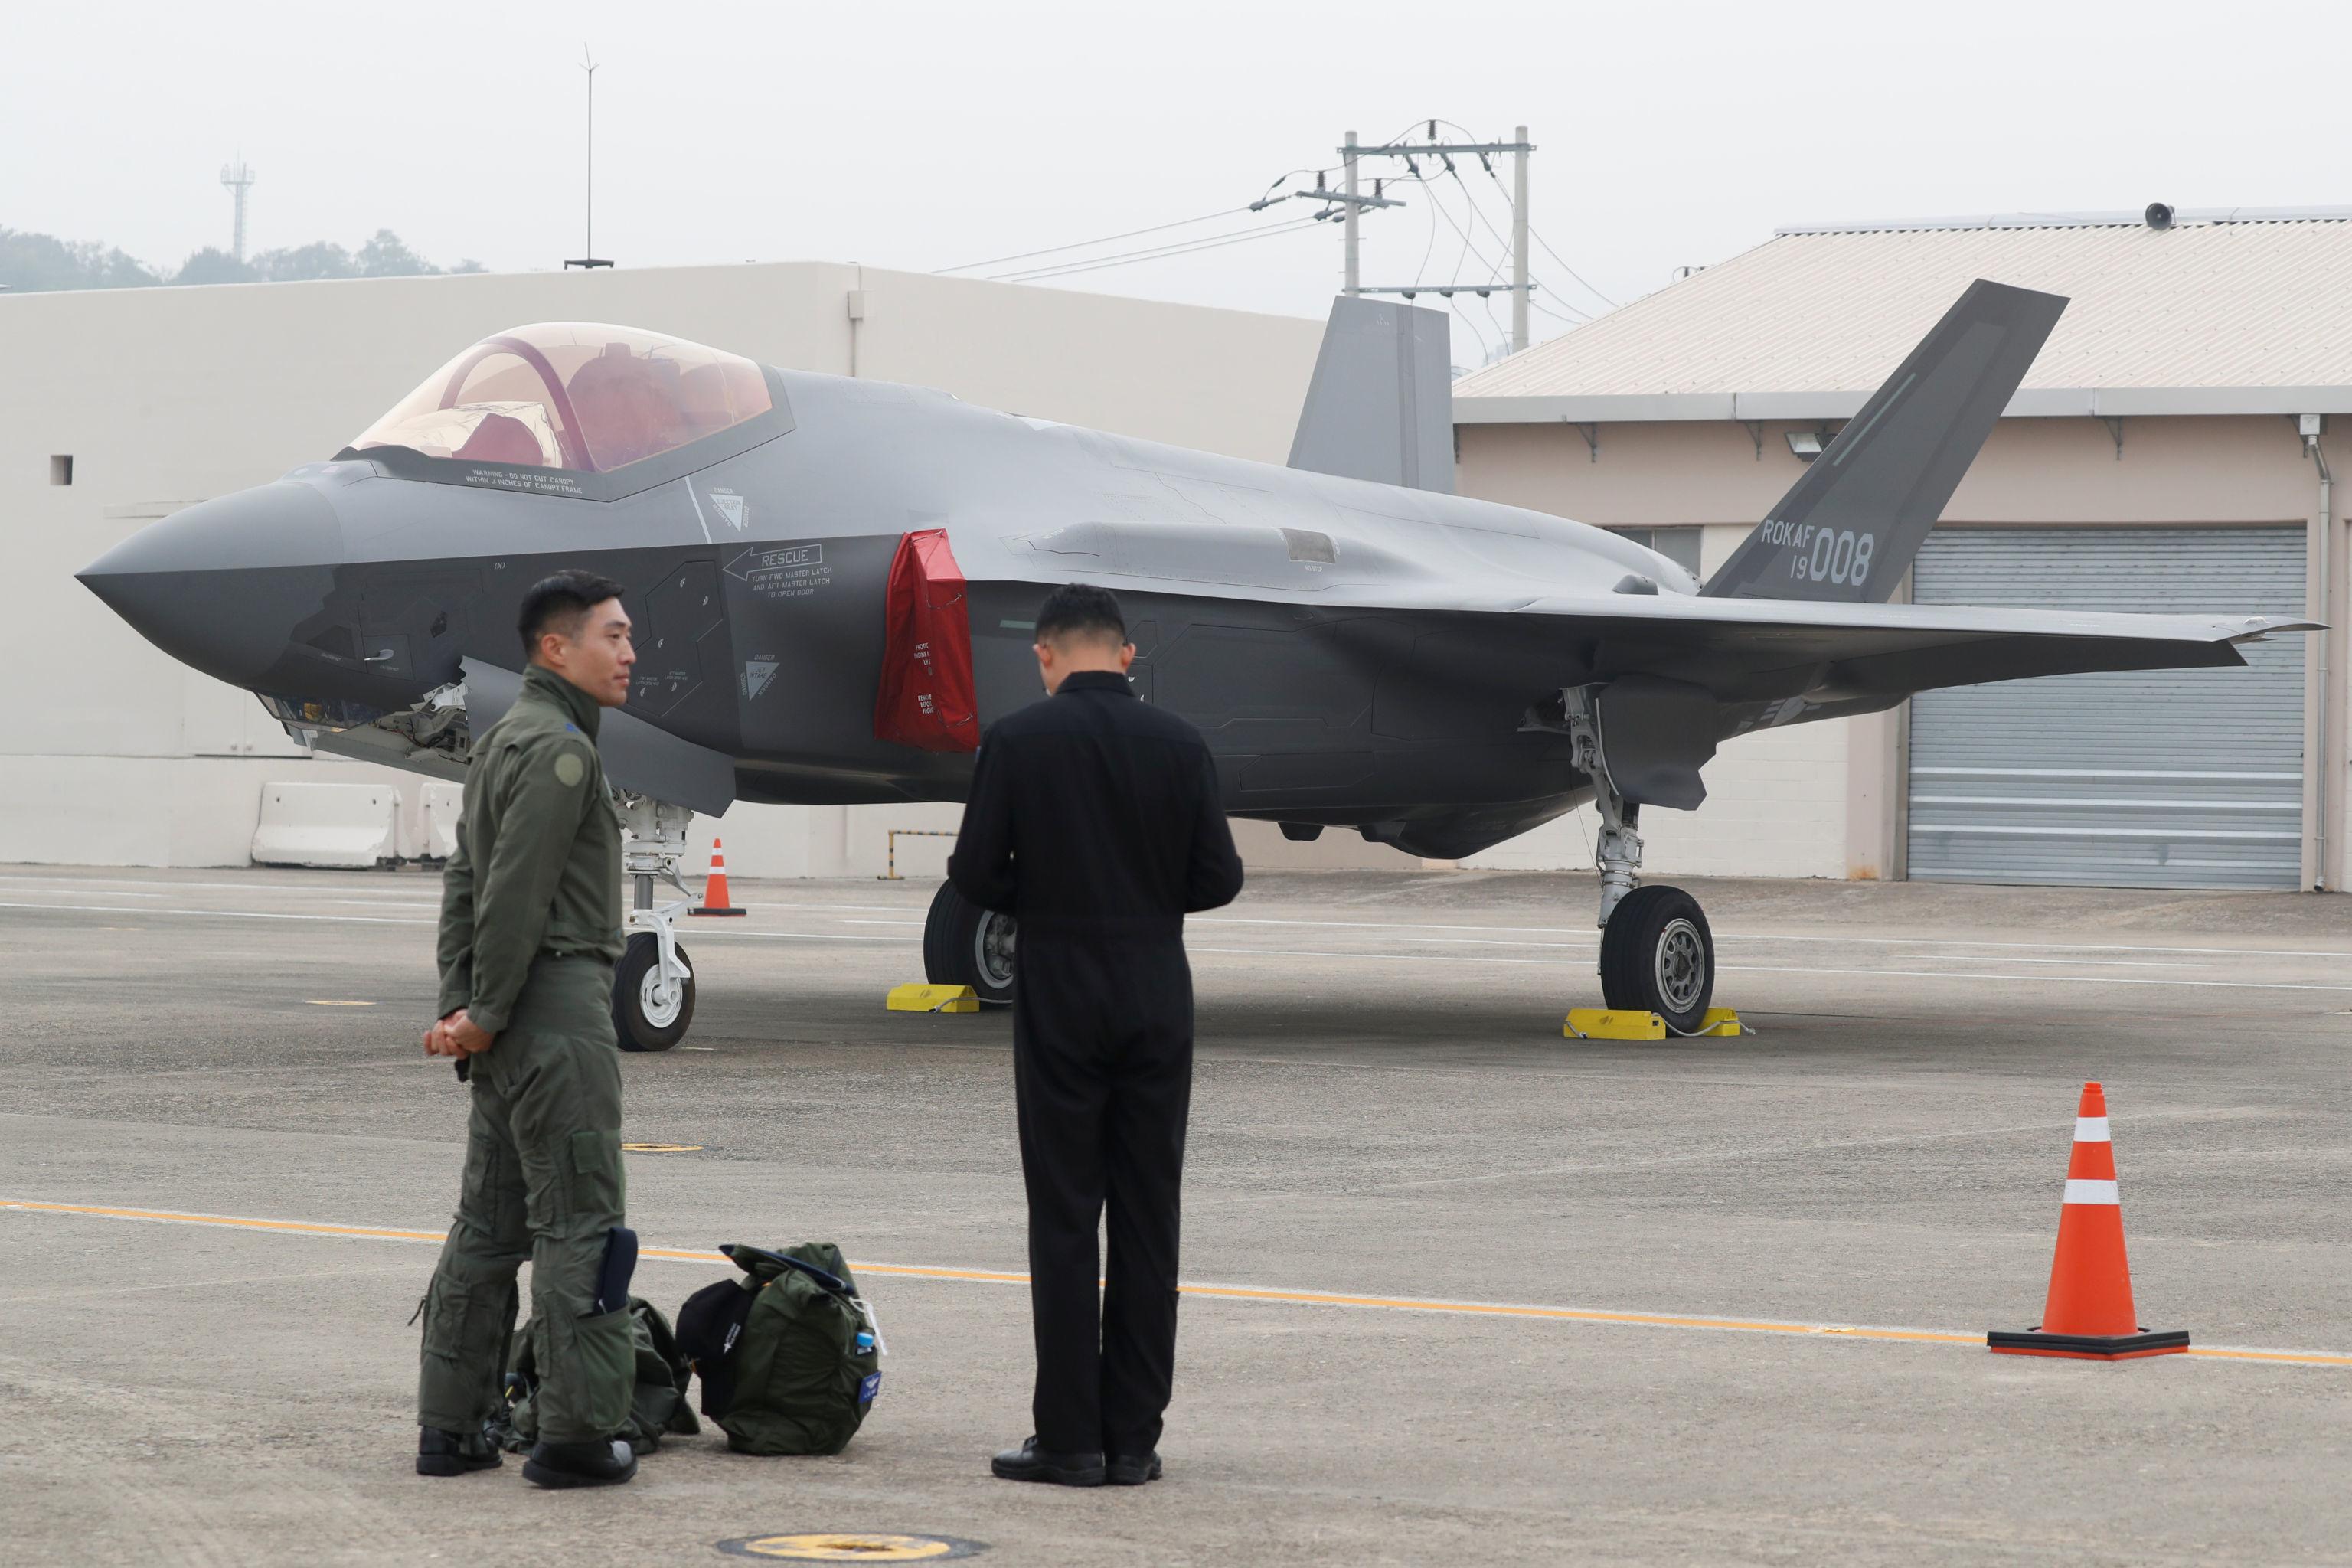 Piloto sul-coreano ao lado de um caça F-35 durante a cerimônia do Dia das Forças Armadas na base da Força Aérea na cidade de Daegu